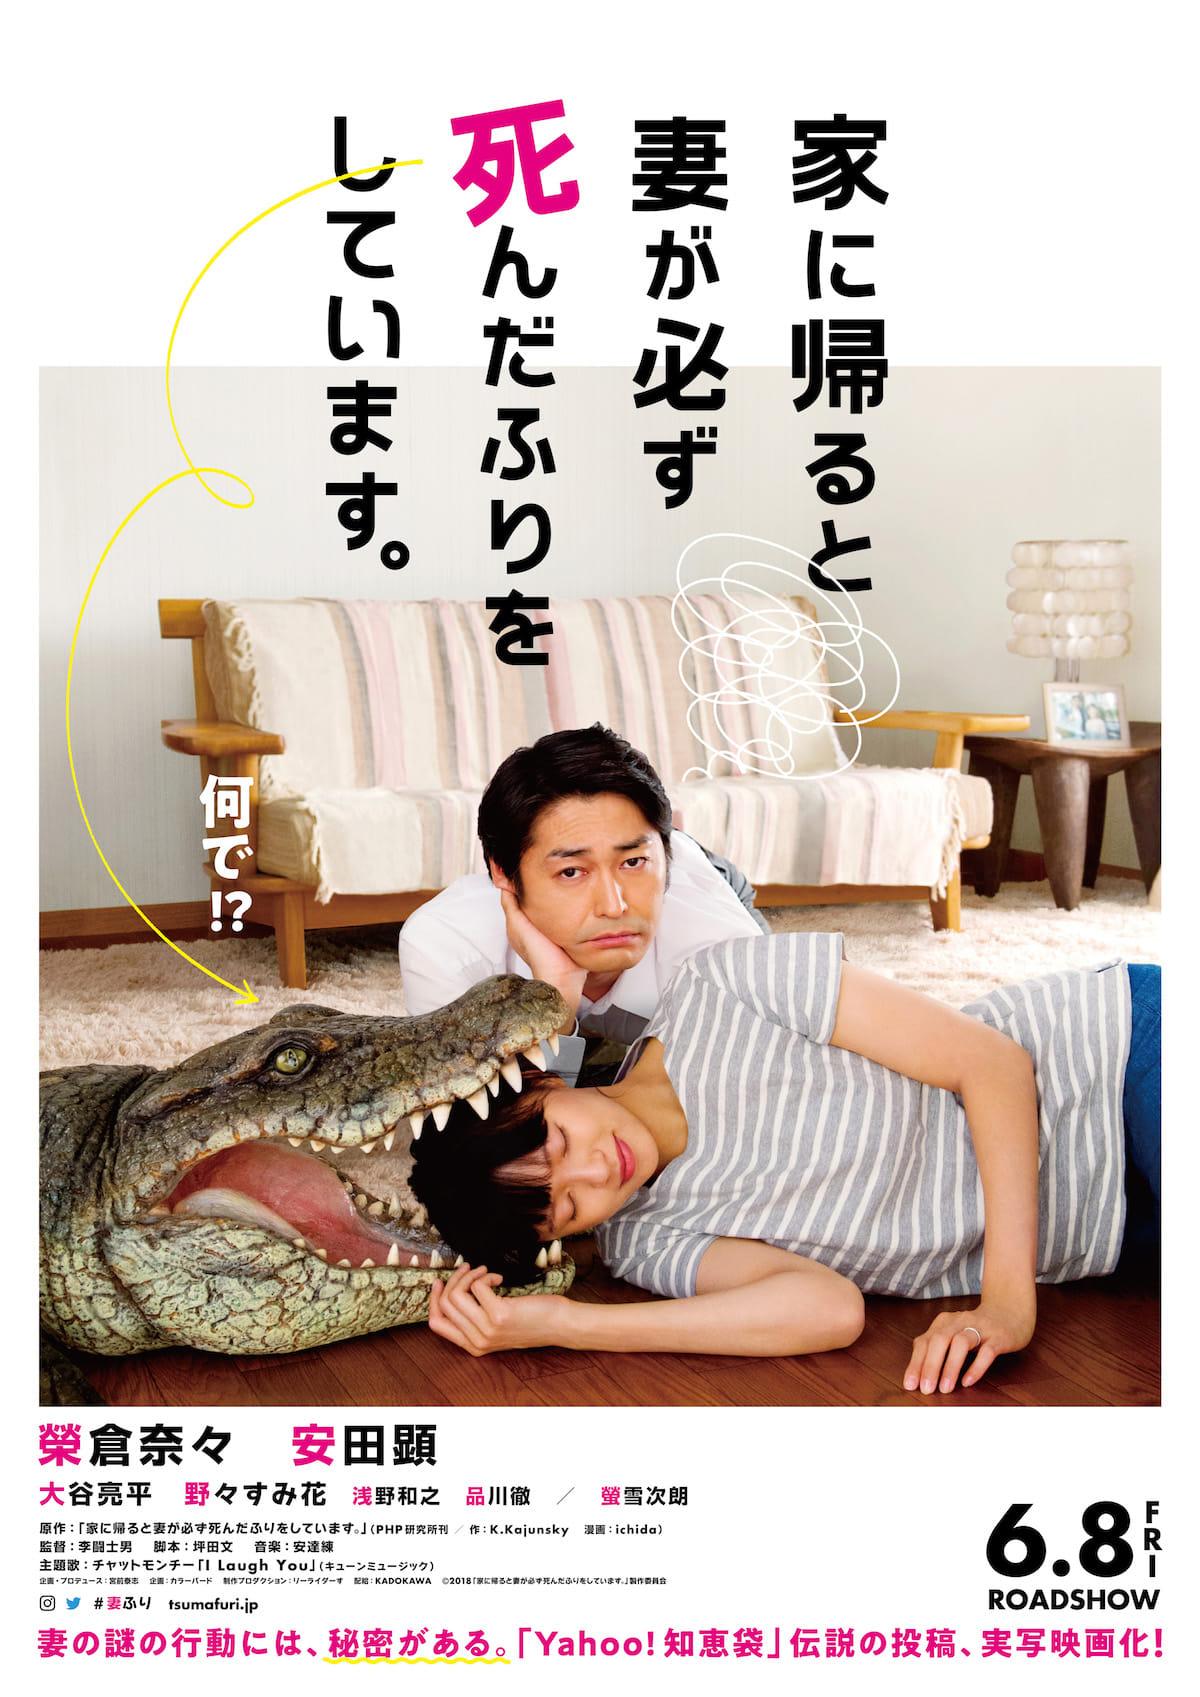 榮倉奈々の死んだふりで安田顕が困惑!映画『家に帰ると妻が必ず死んだふりをしています。』予告編公開! film180326_tsumafuri_2-1200x1697